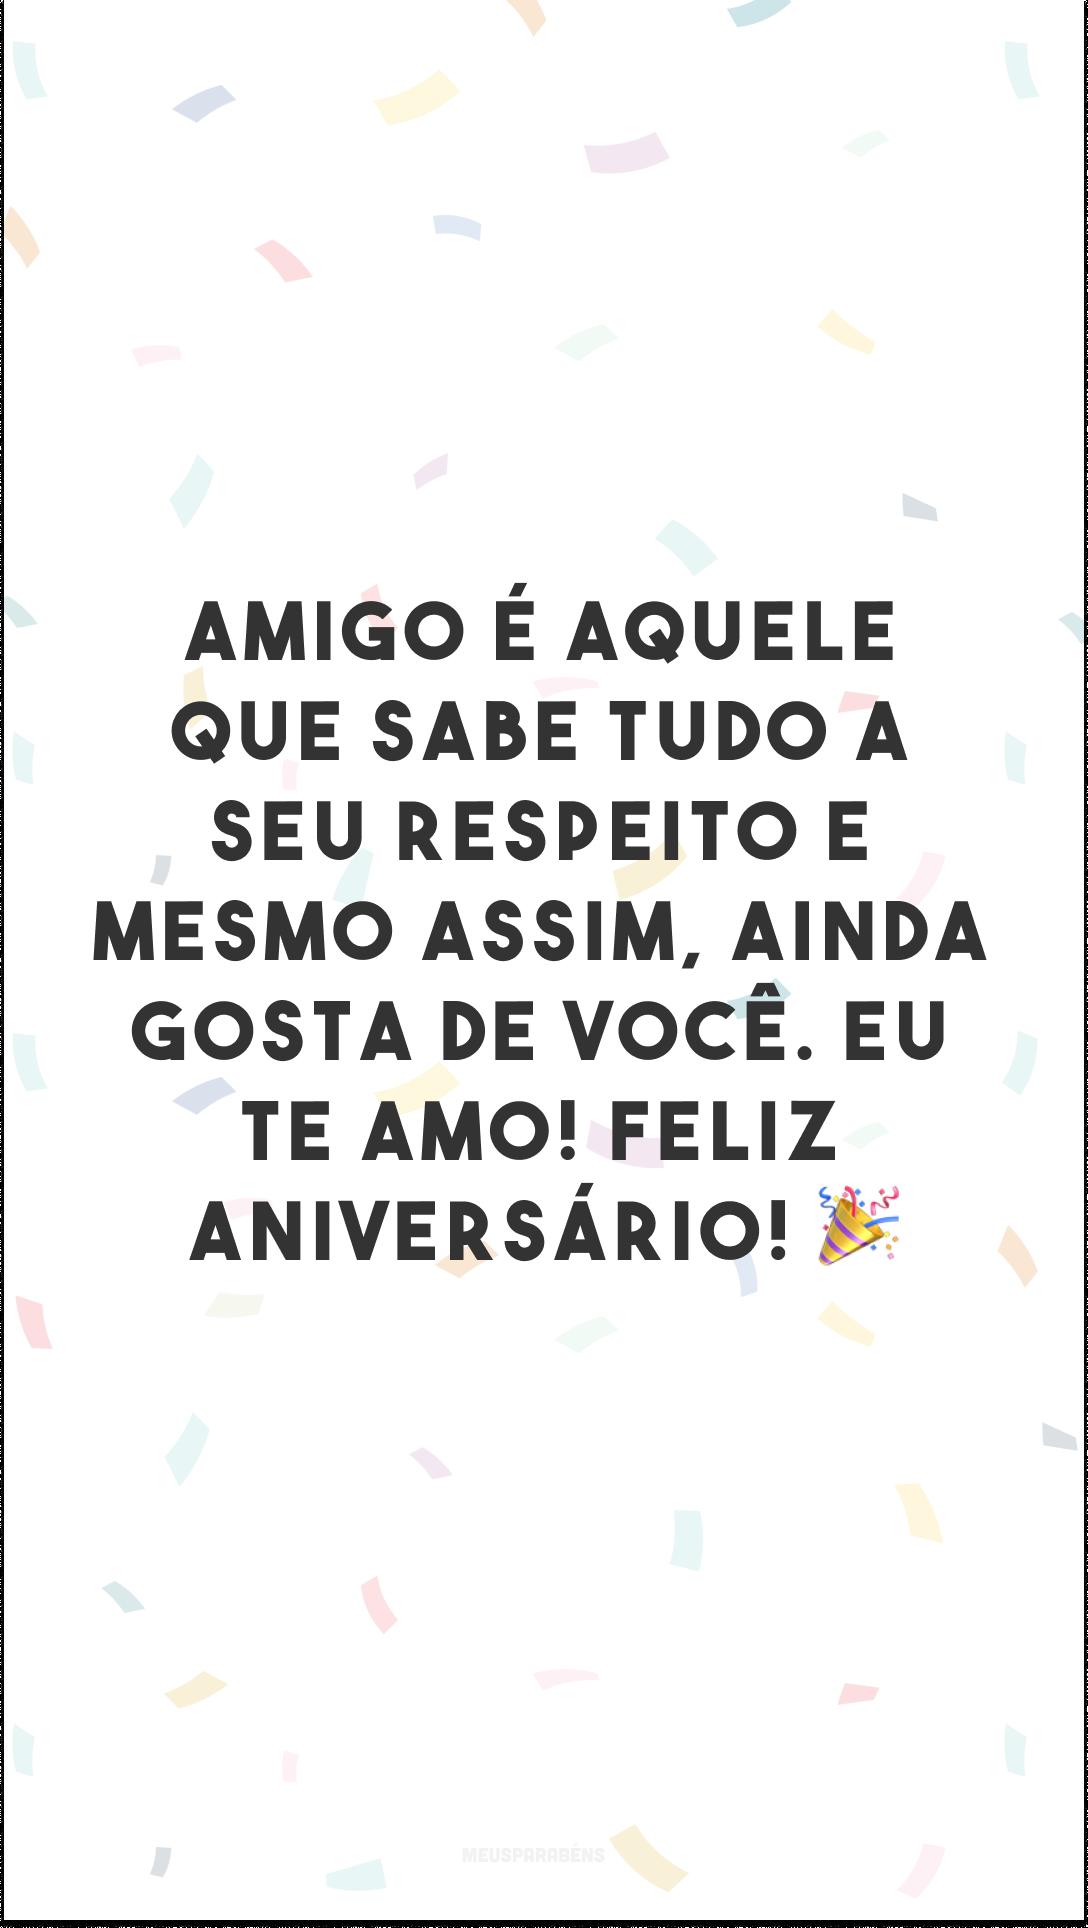 Amigo é aquele que sabe tudo a seu respeito e mesmo assim, ainda gosta de você. Eu te amo! Feliz aniversário! 🎉